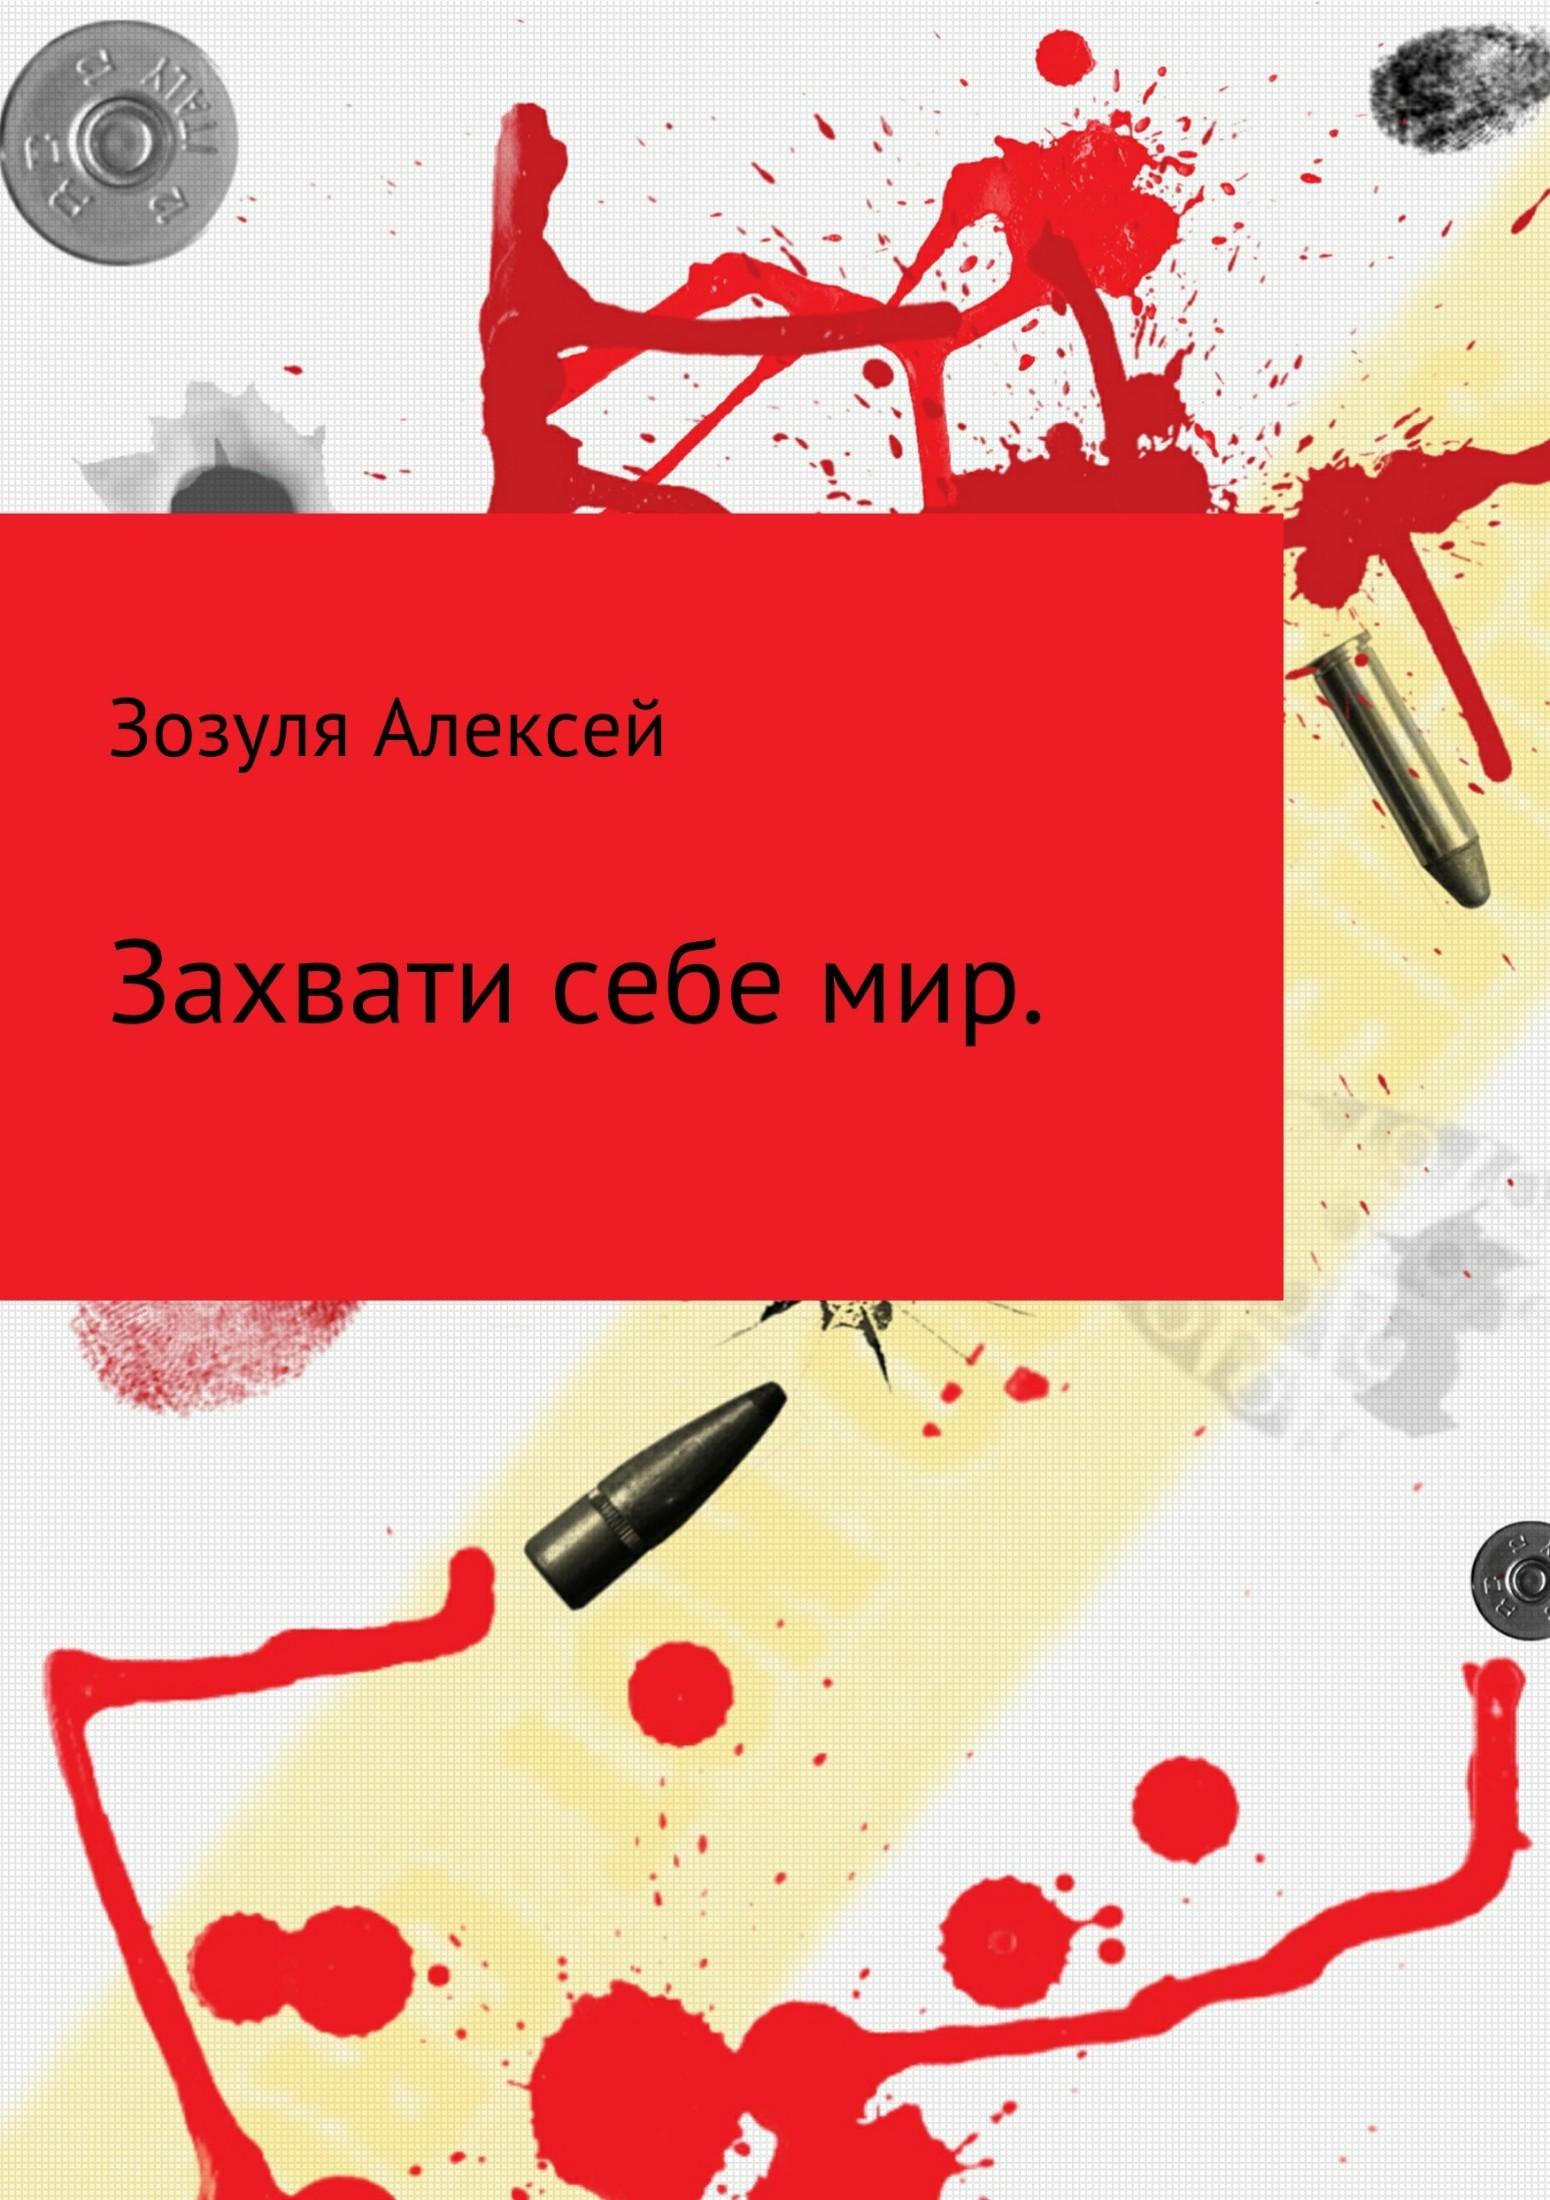 Алексей Юрьевич Зозуля. Захвати себе мир